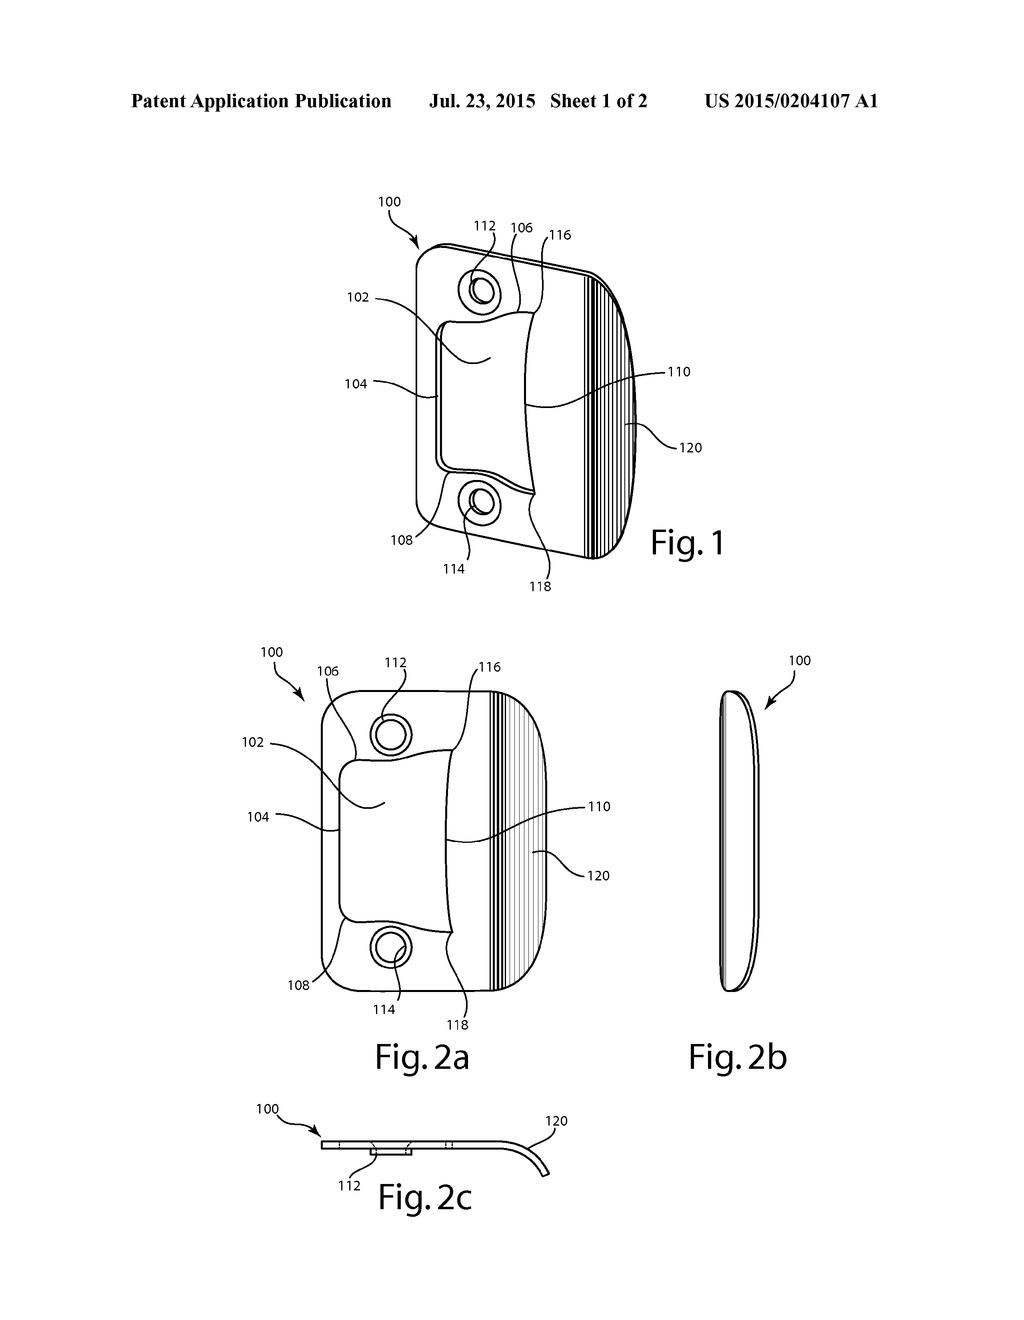 20150204107_02 door strike plate diagram, schematic, and image 02